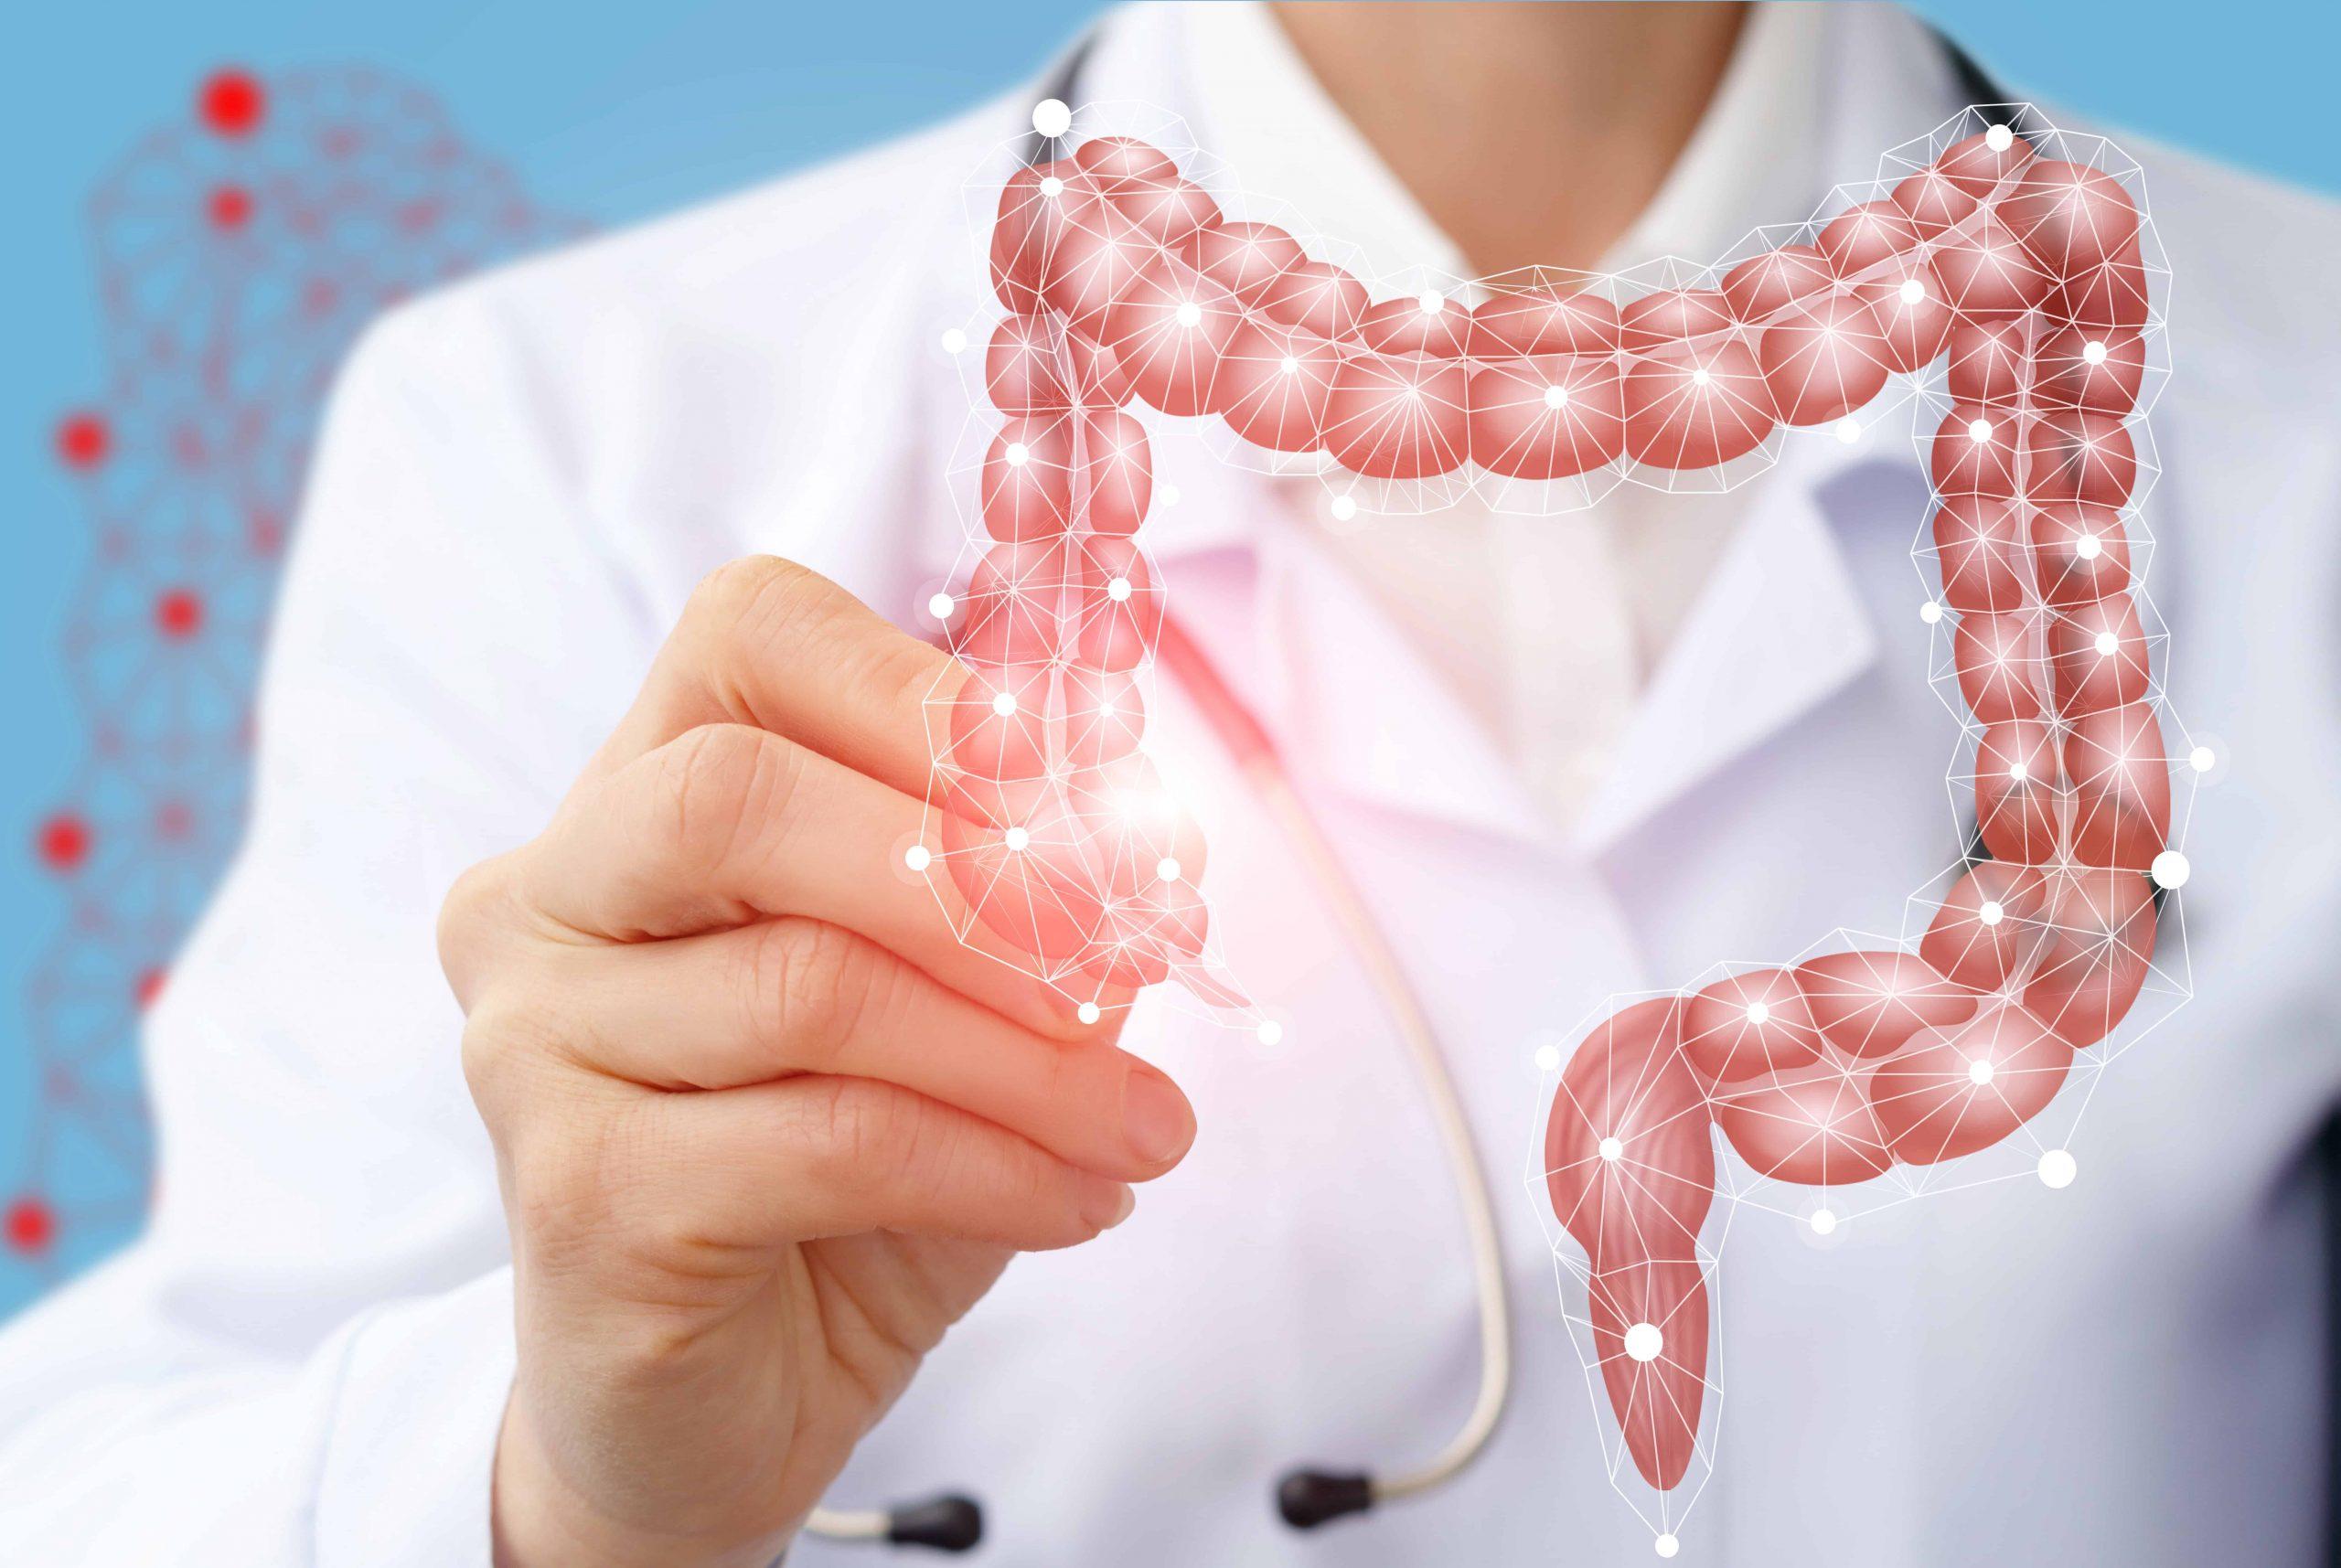 Darmsanierung nach Antibiotika: 5 Methoden für einen gesunden Darm